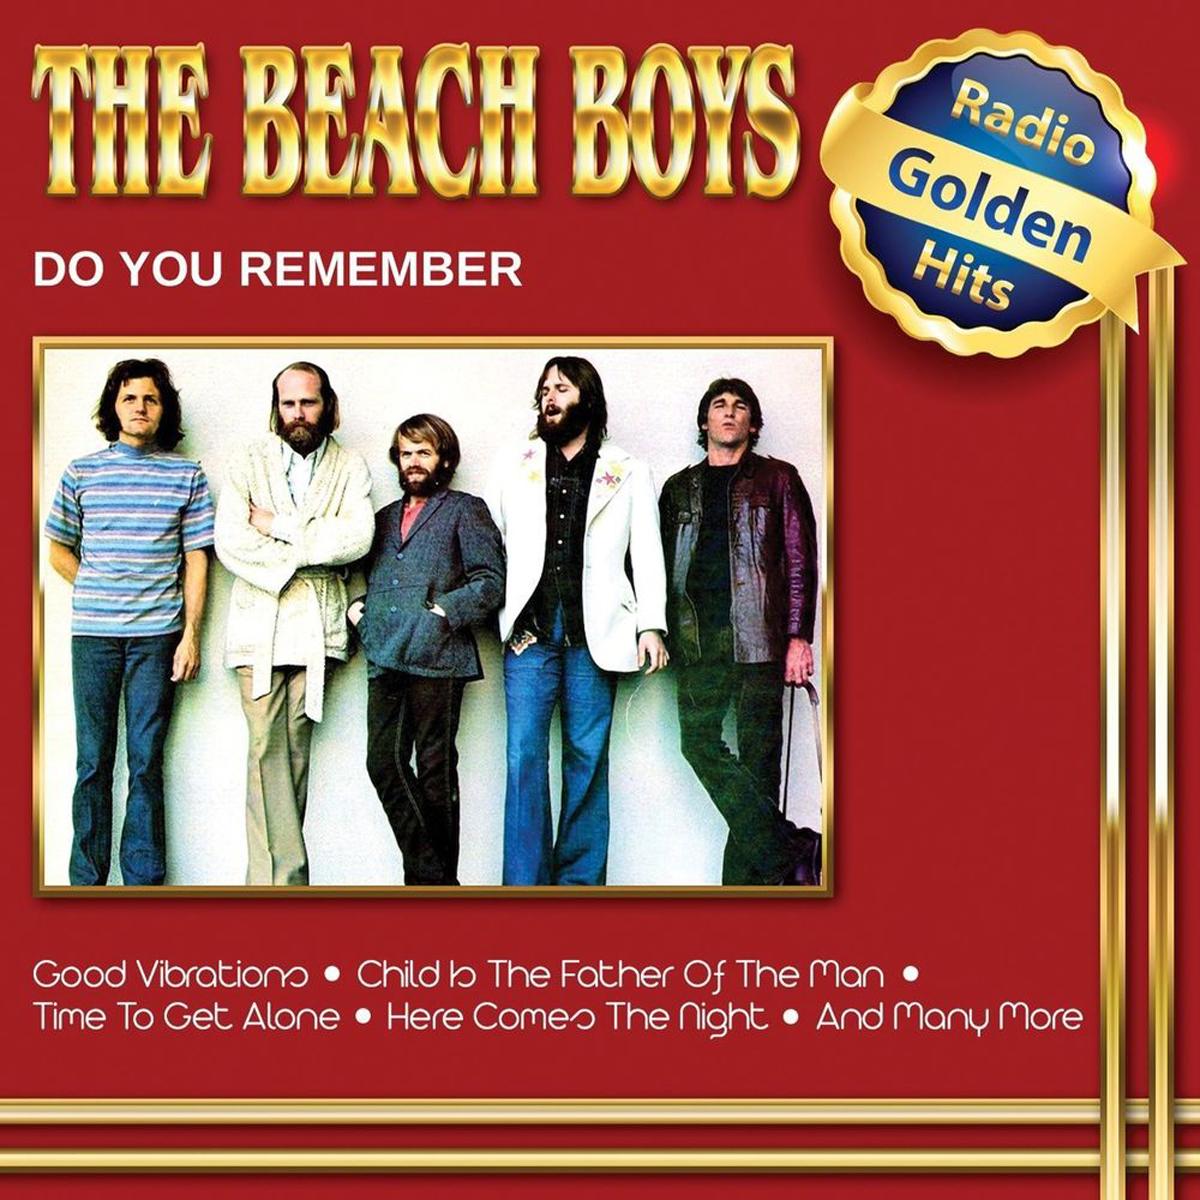 The Beach Boys The Beach Boys. Do You Remember the beach boys the beach boys greatest surf hits